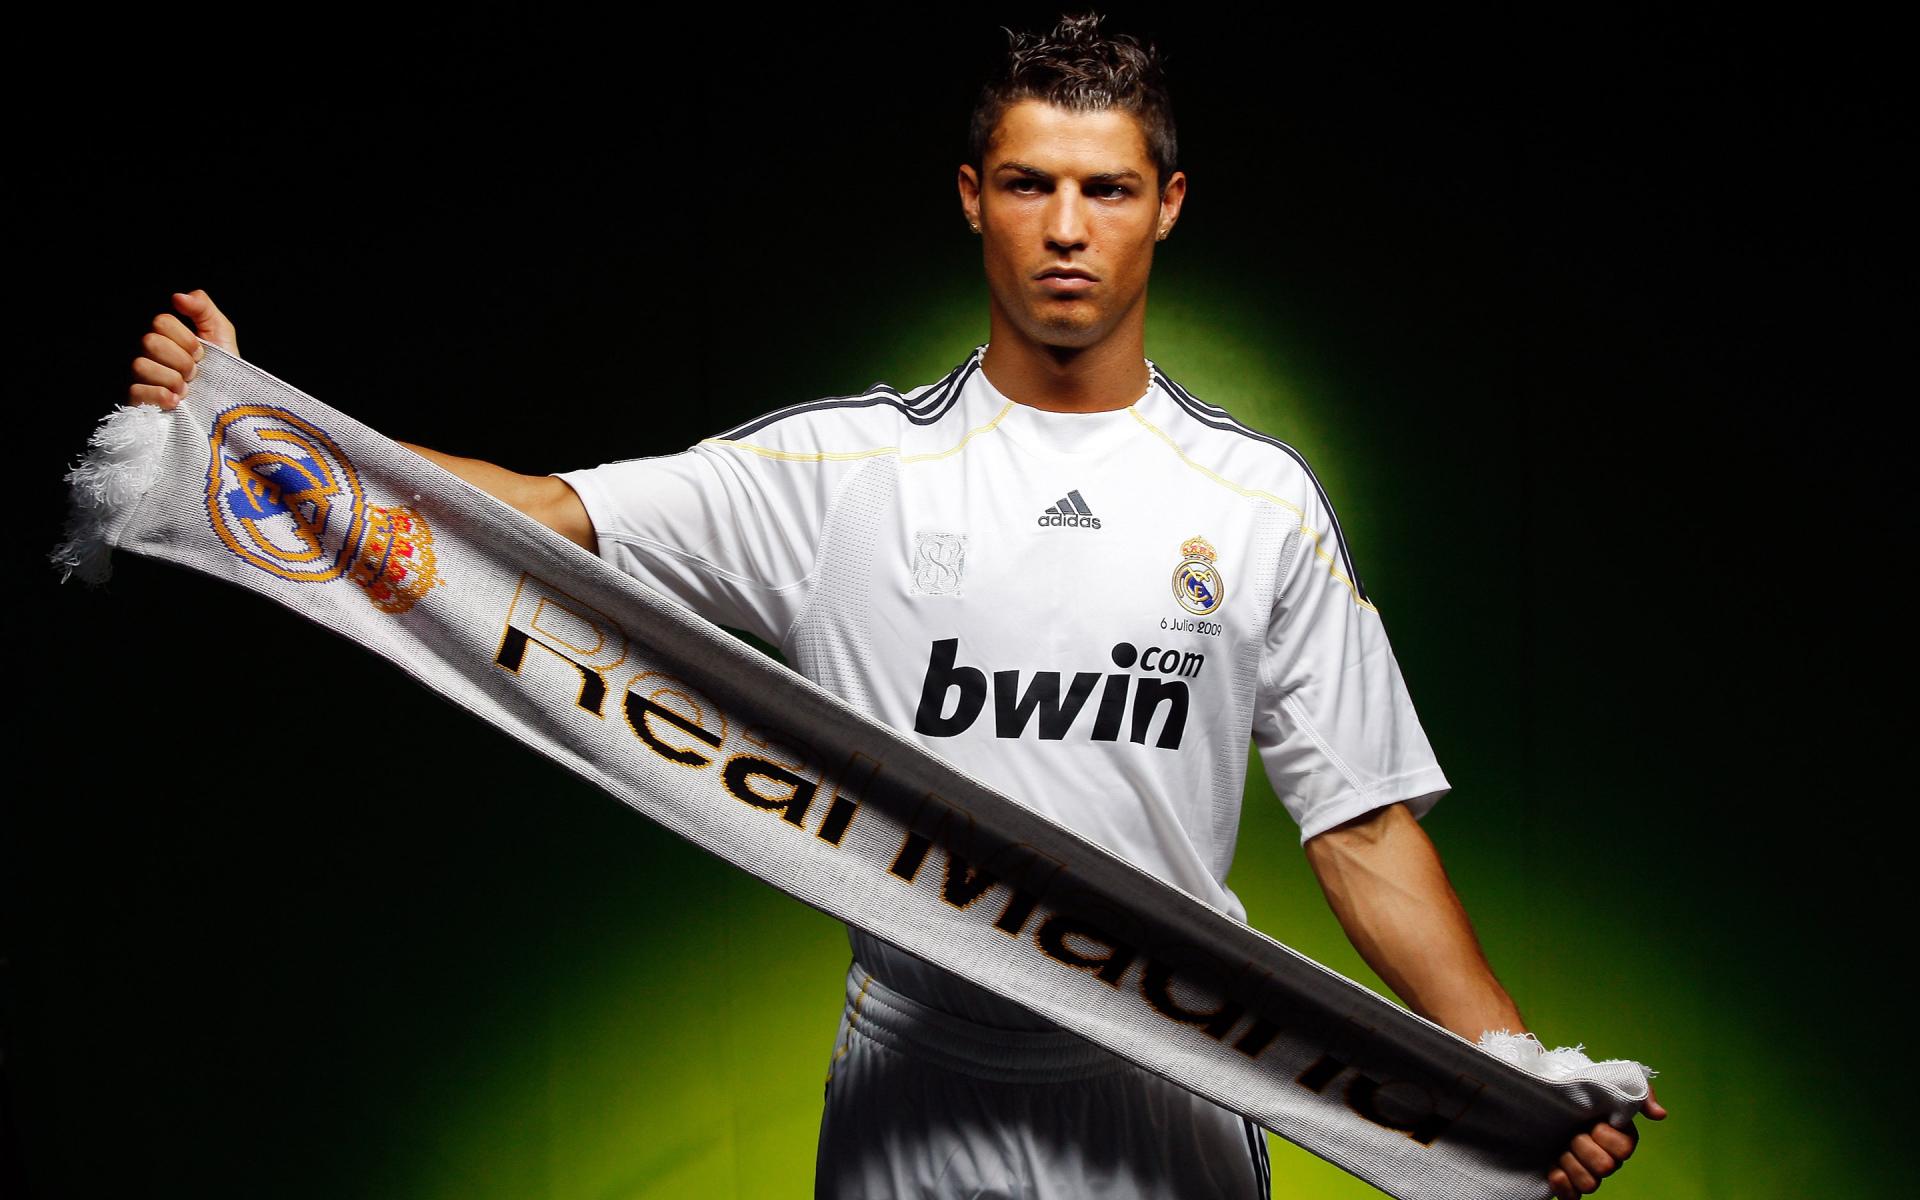 Fondos De Pantalla De Christiano Ronaldo Wallpapers Hd Gratis